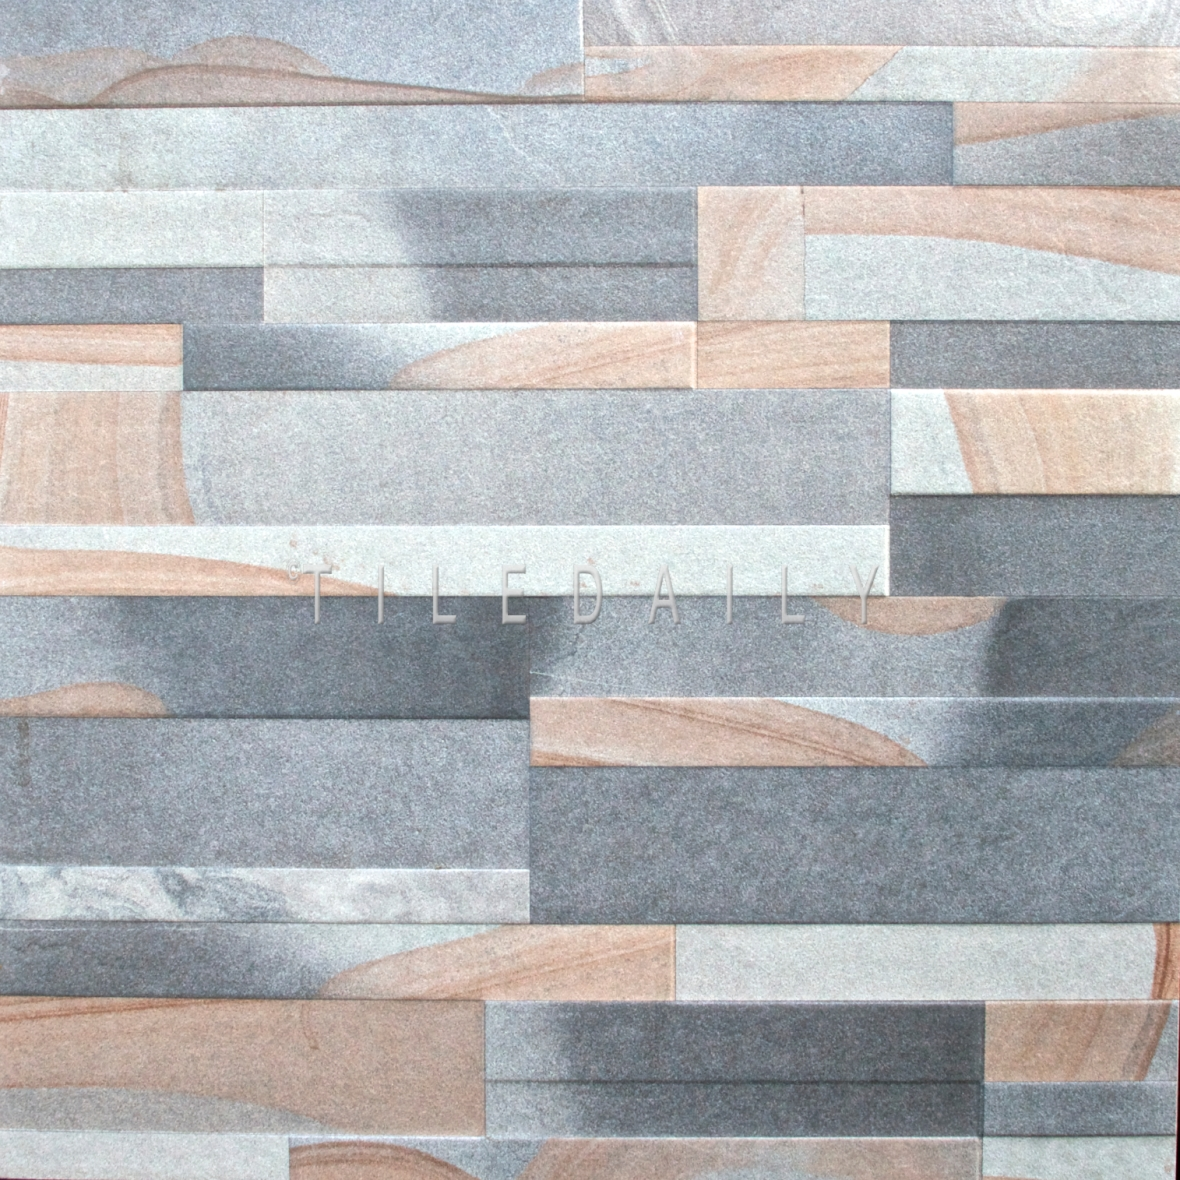 24x24 Sandstone Ledger Porcelain Tile, Grey at TileDaily